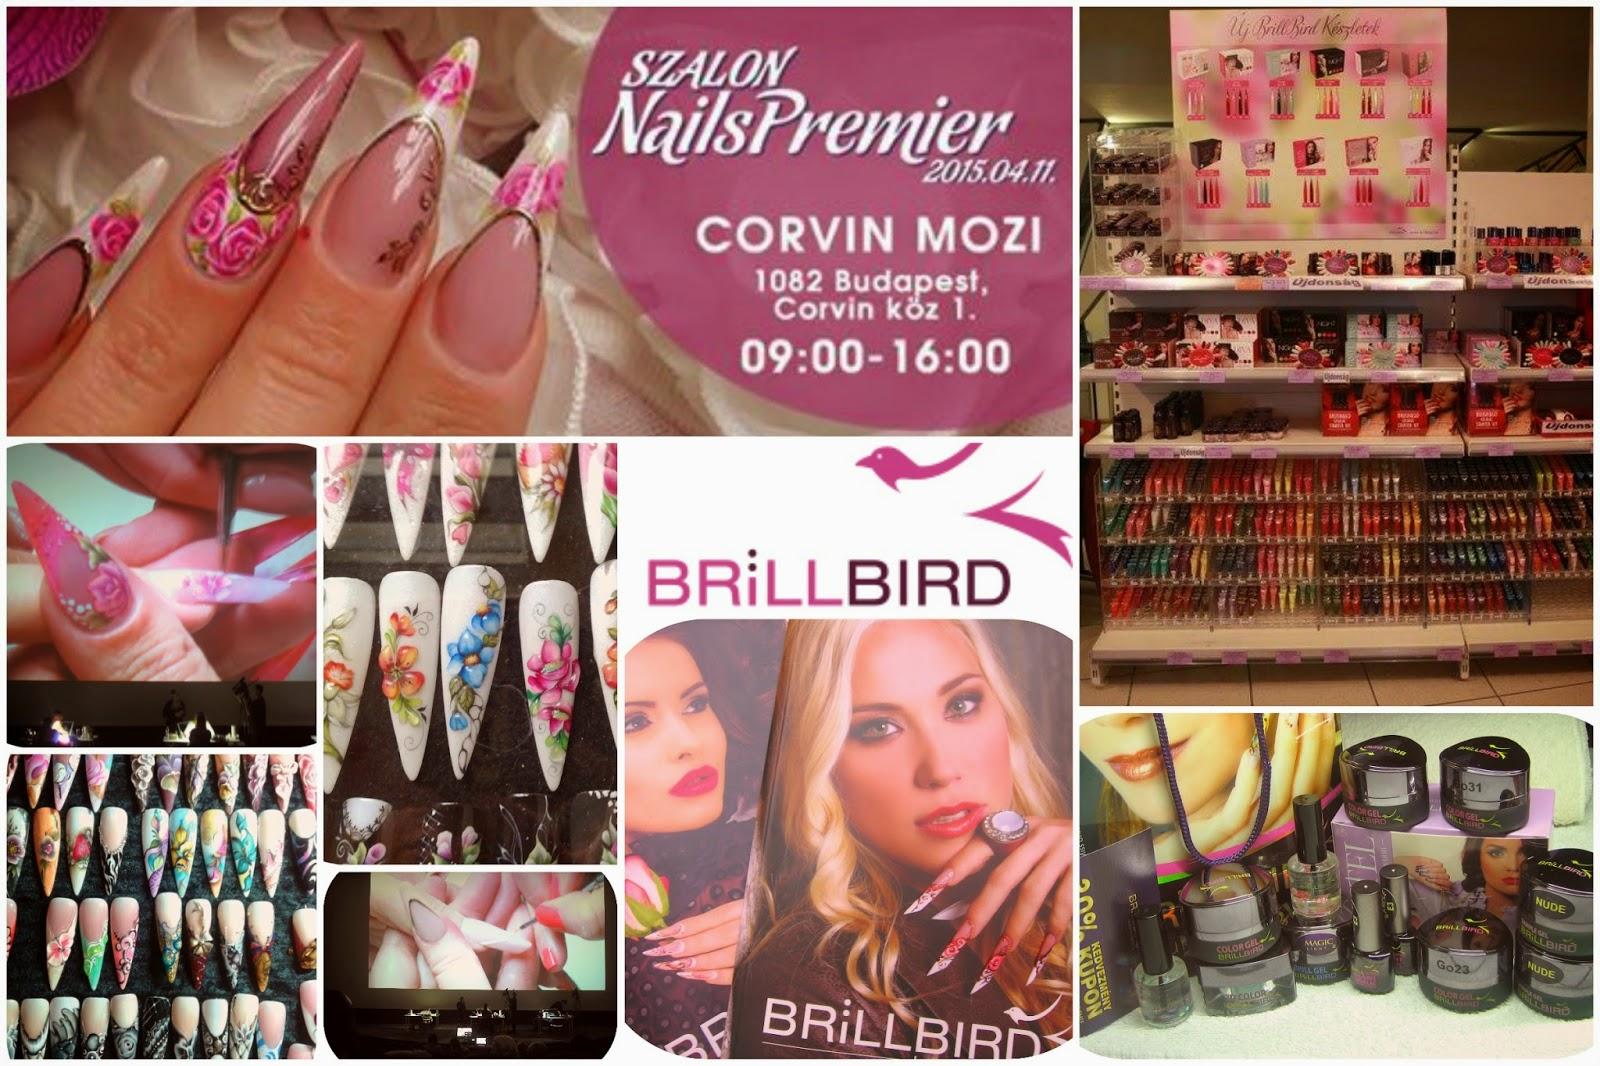 https://mosolypolc.wordpress.com/2015/04/13/beauty-brillbird-szalon-nails-premier-2015-tavasz-beszamolo/